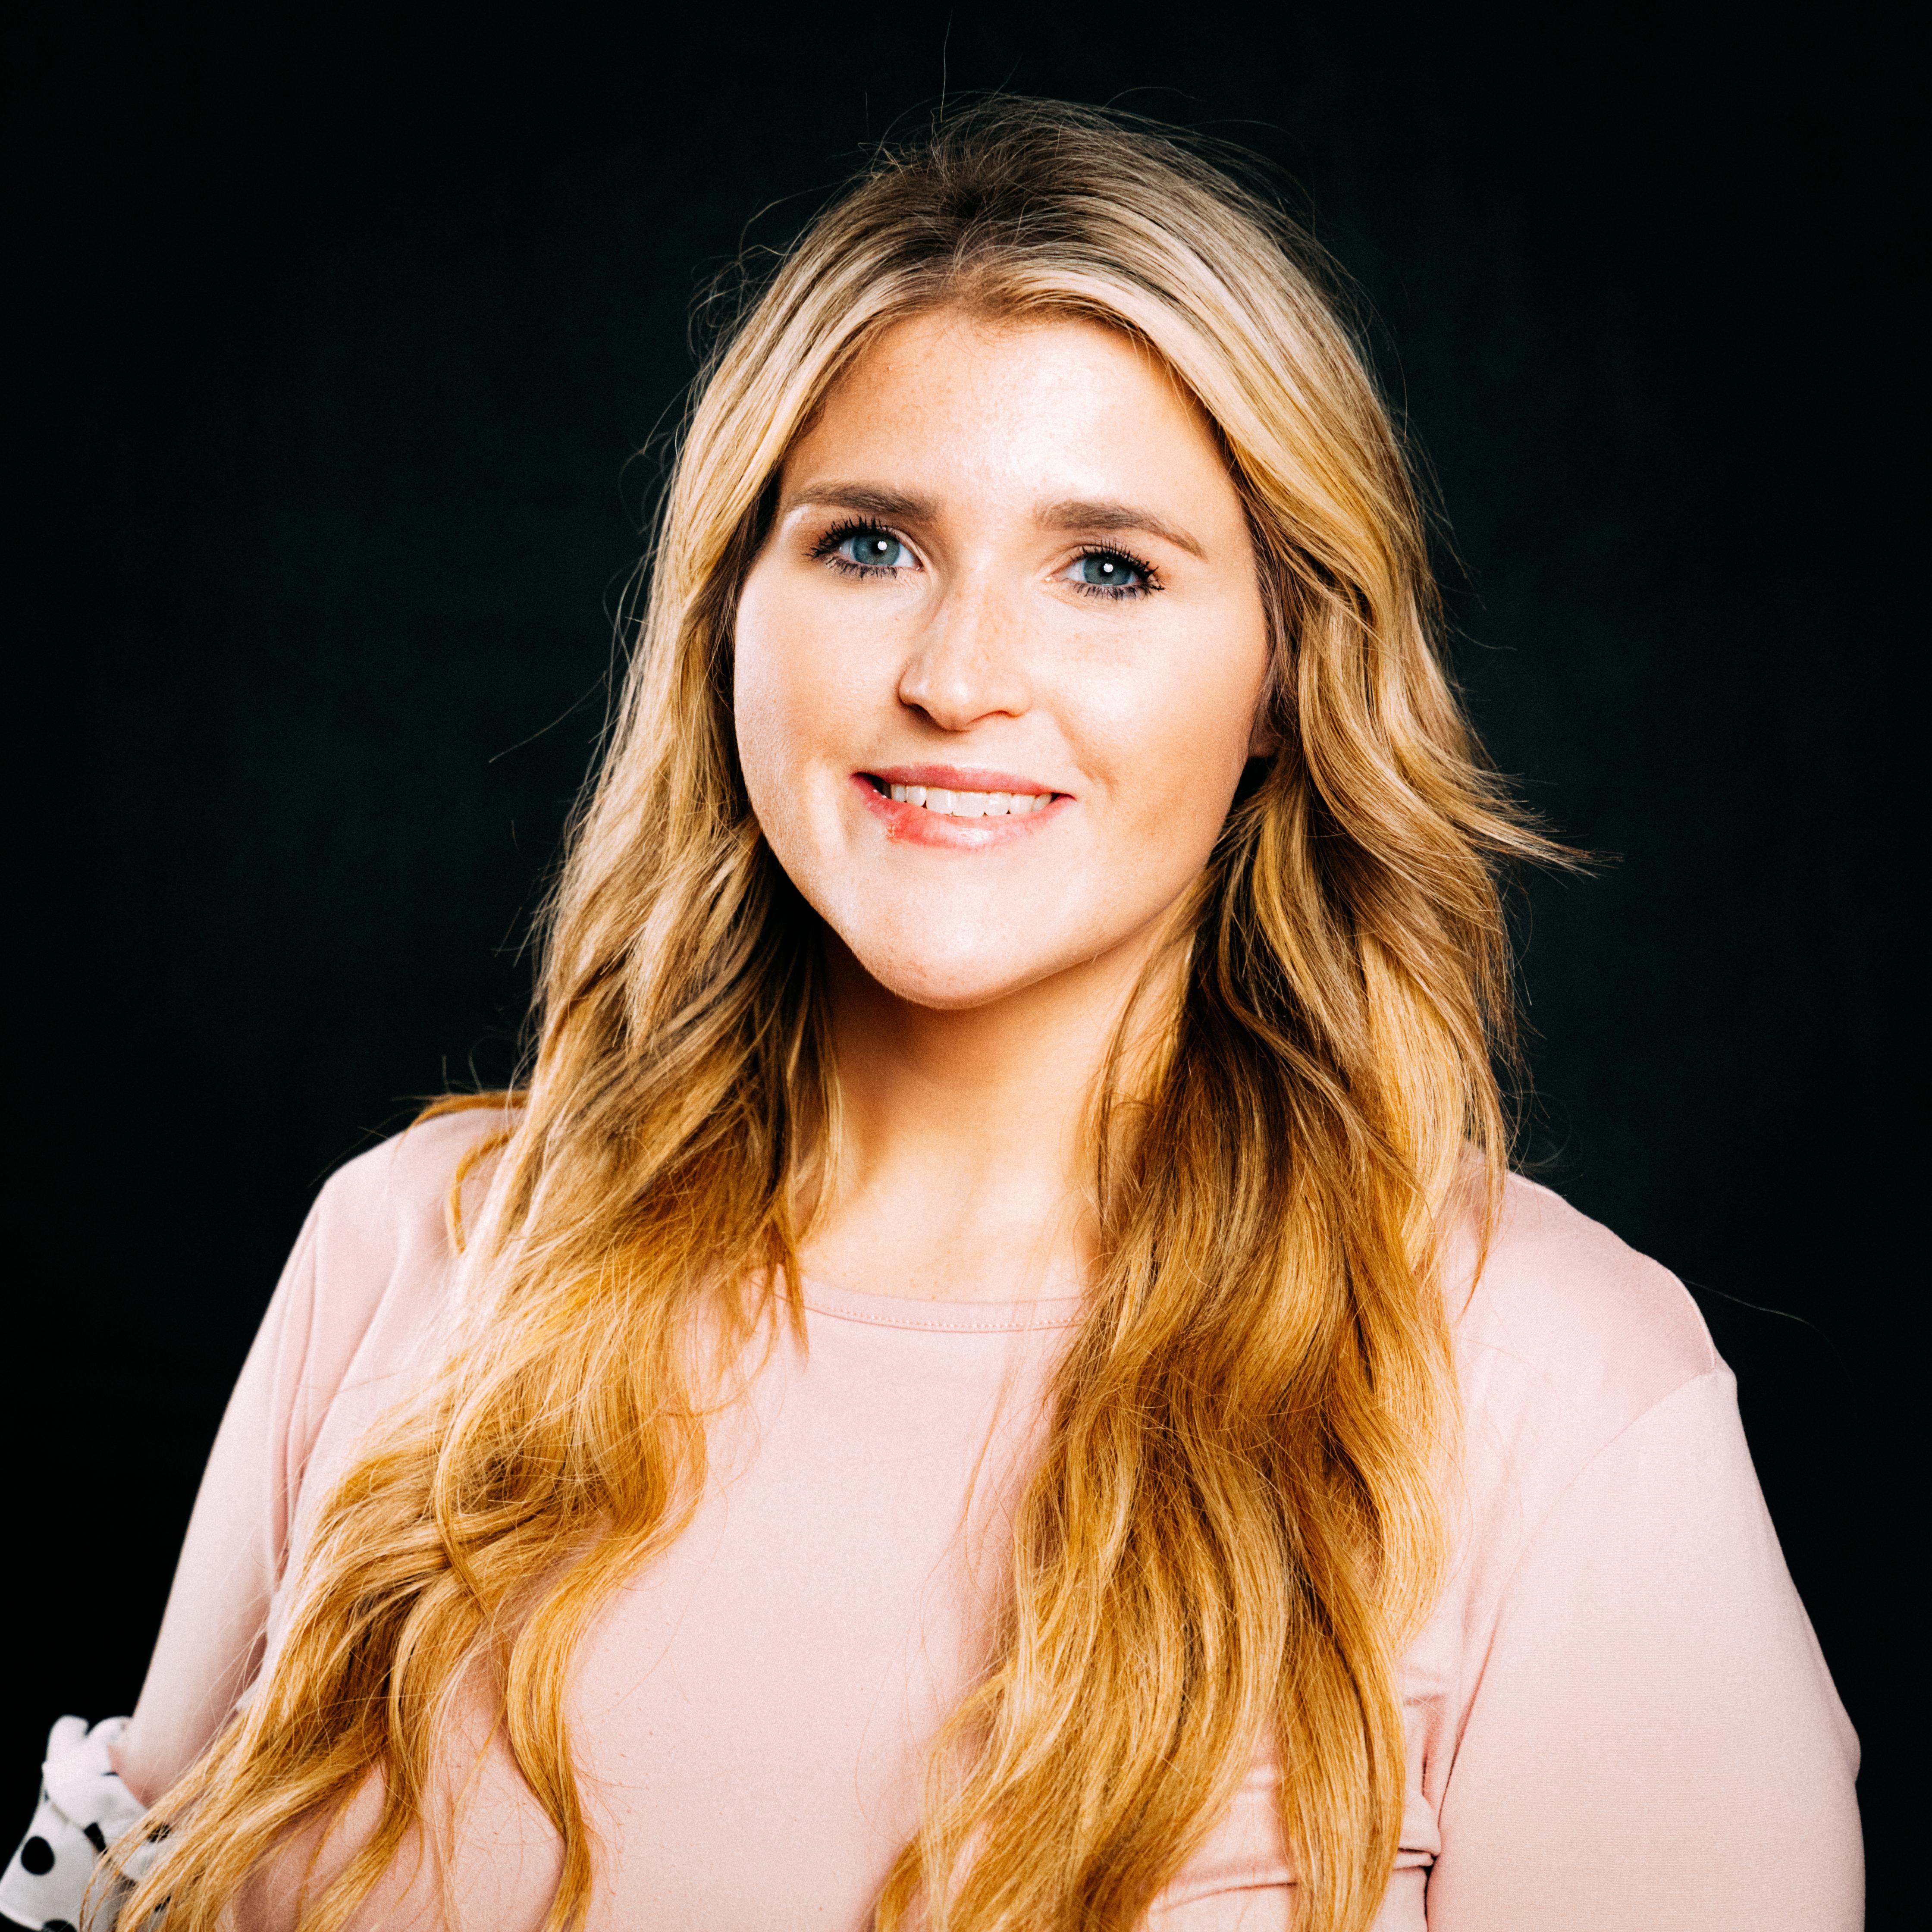 Lauren Balch